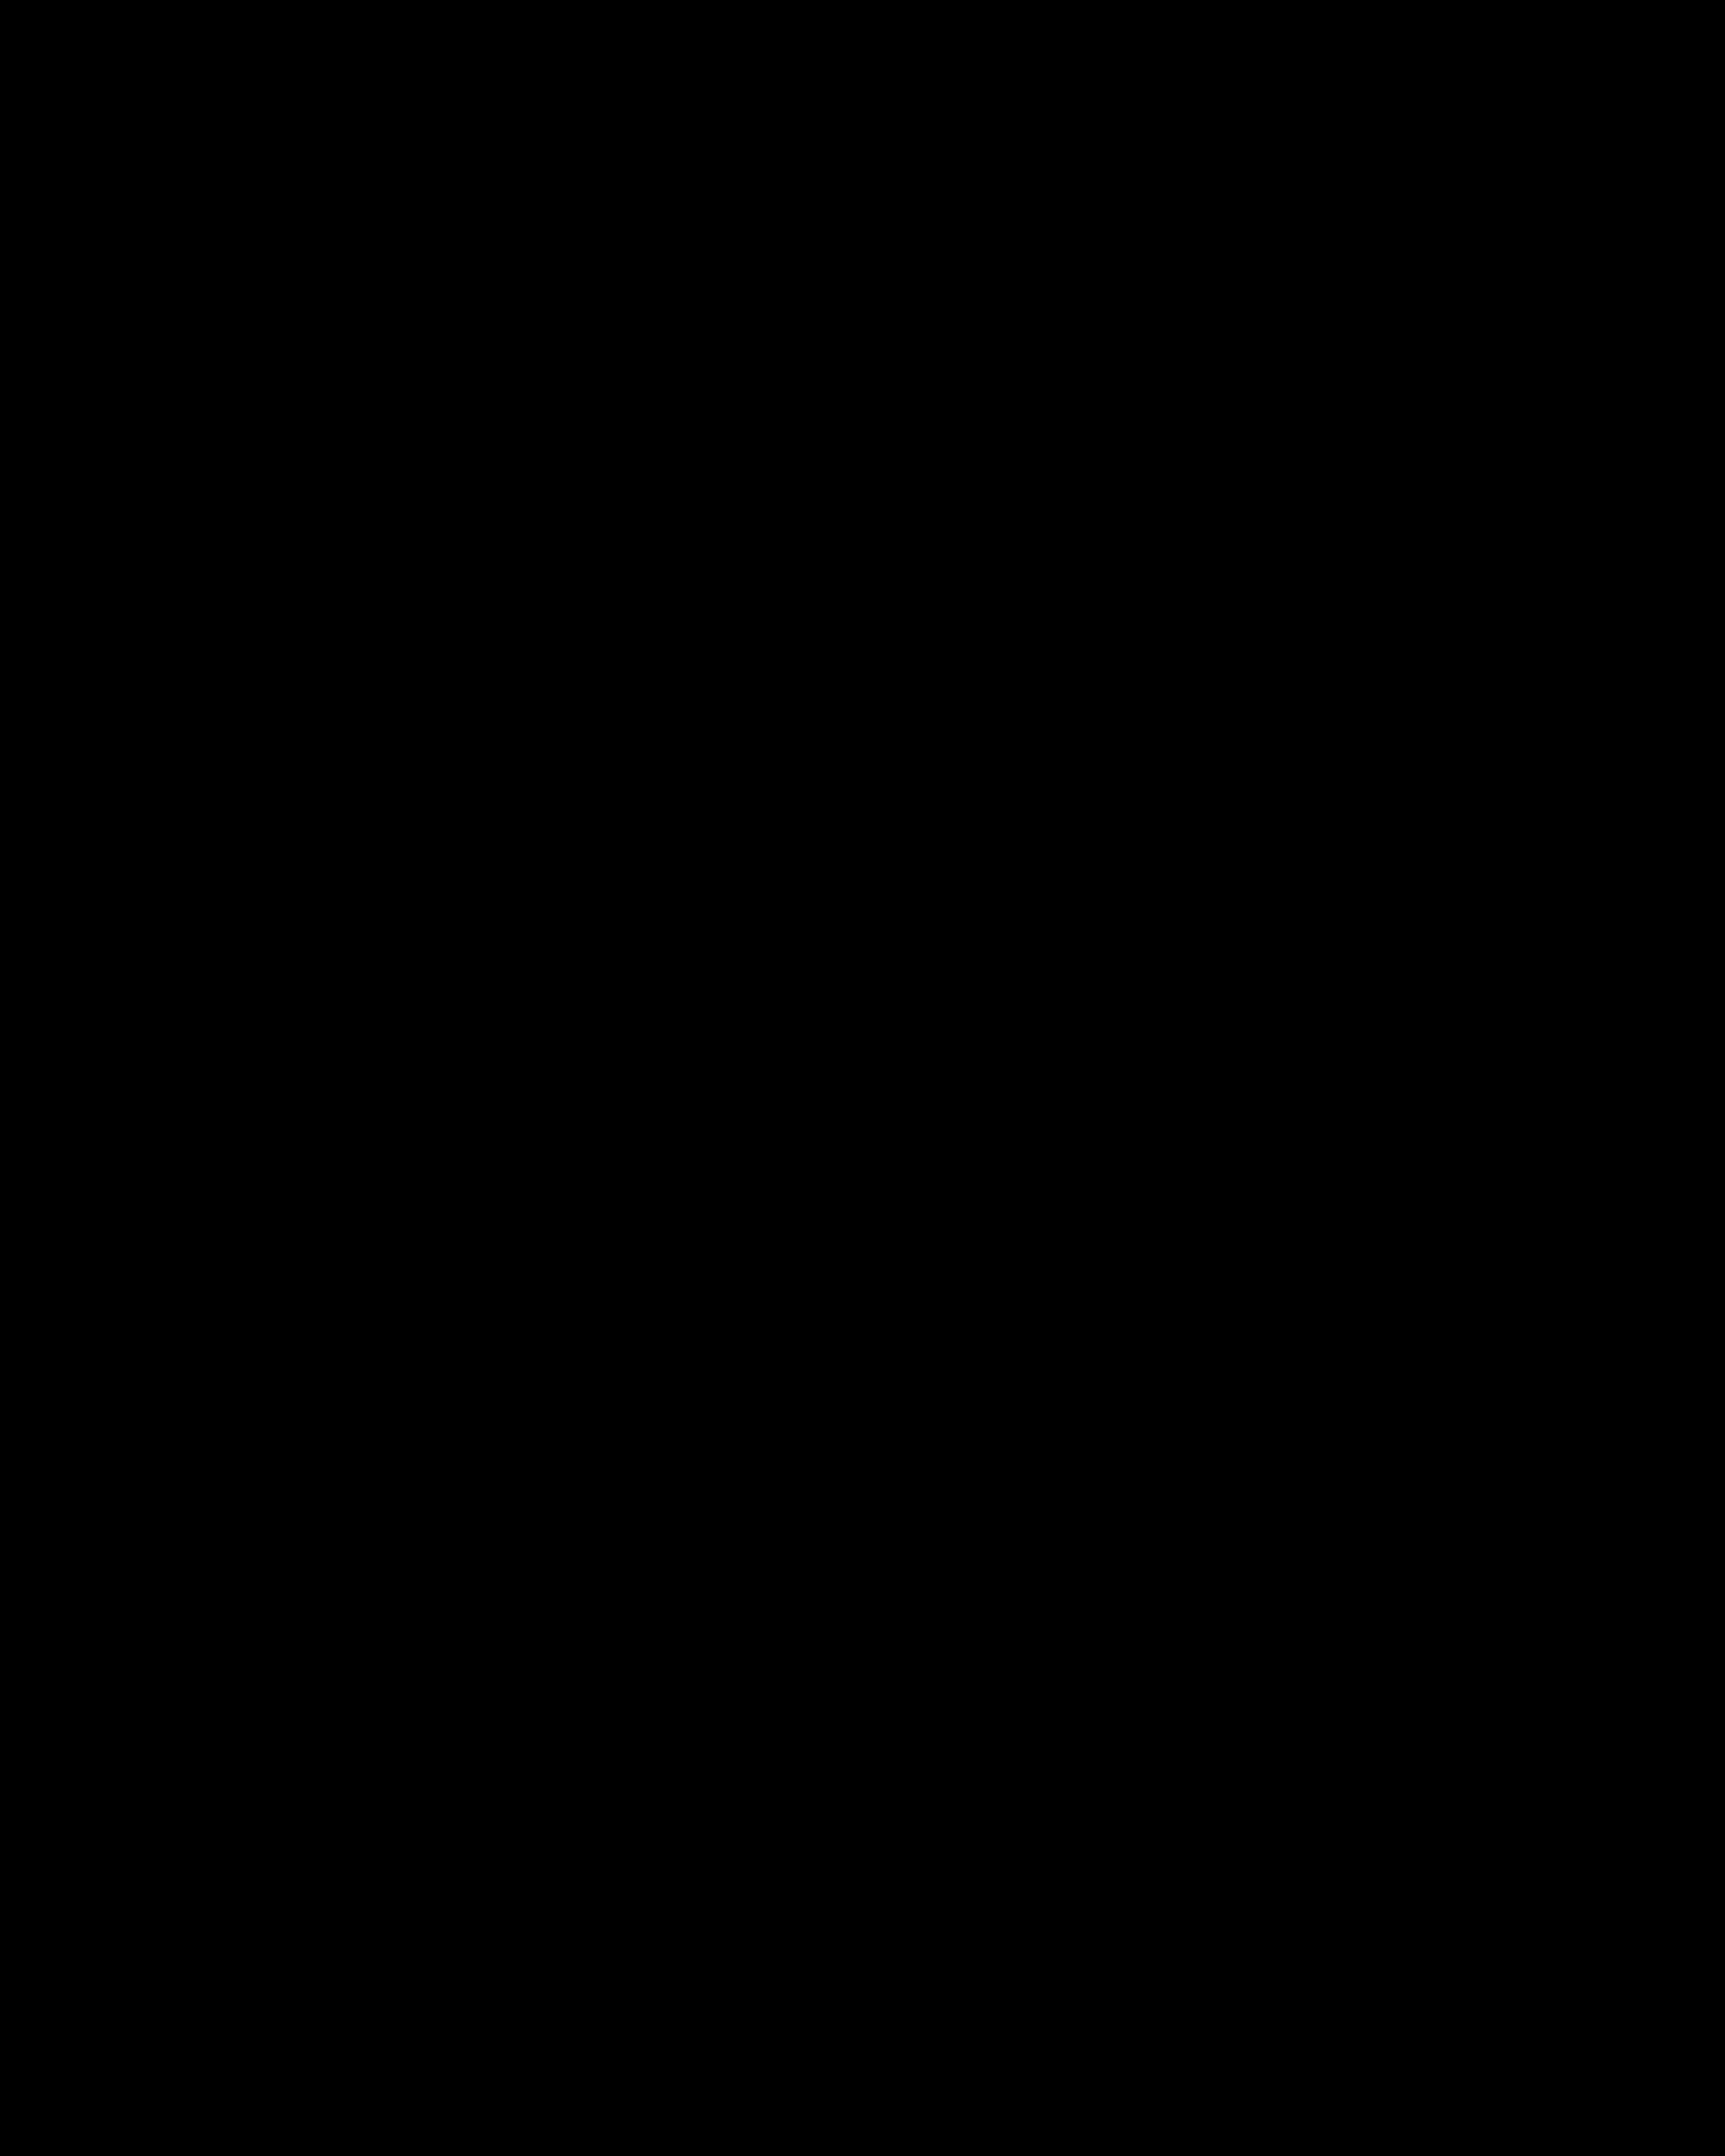 job fair poster boards job fair flyer template job fair flyer template ...